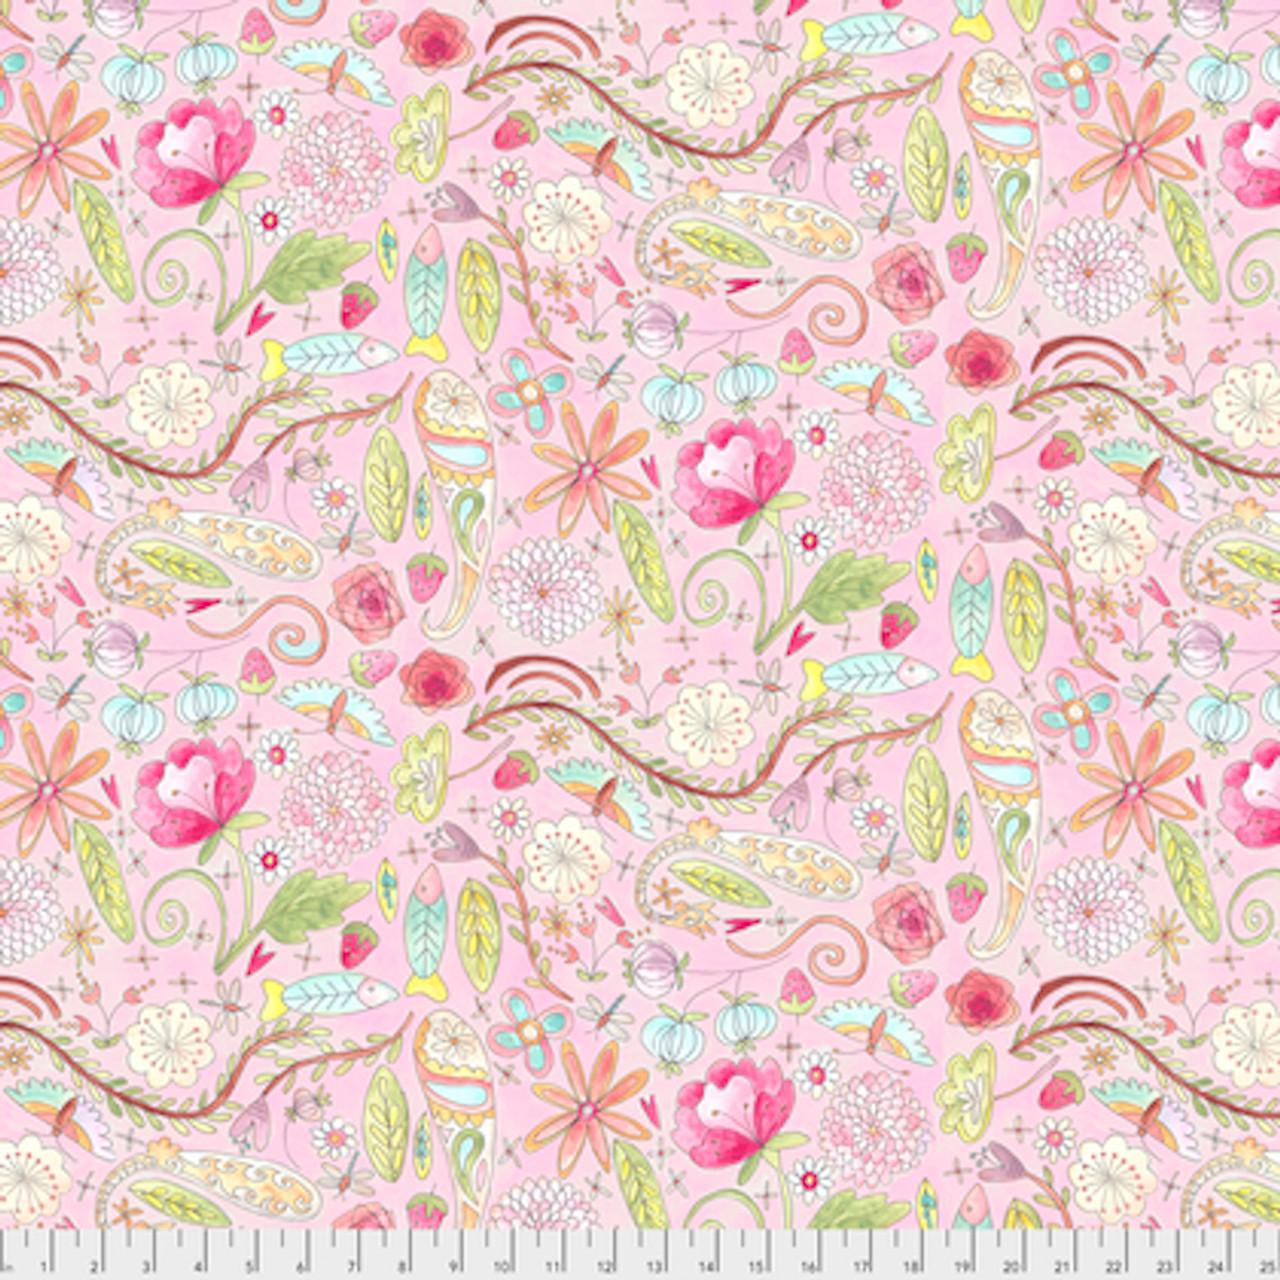 Laura Heine The Dress PWLH002 Garden Pink Cotton Fabric By Yd